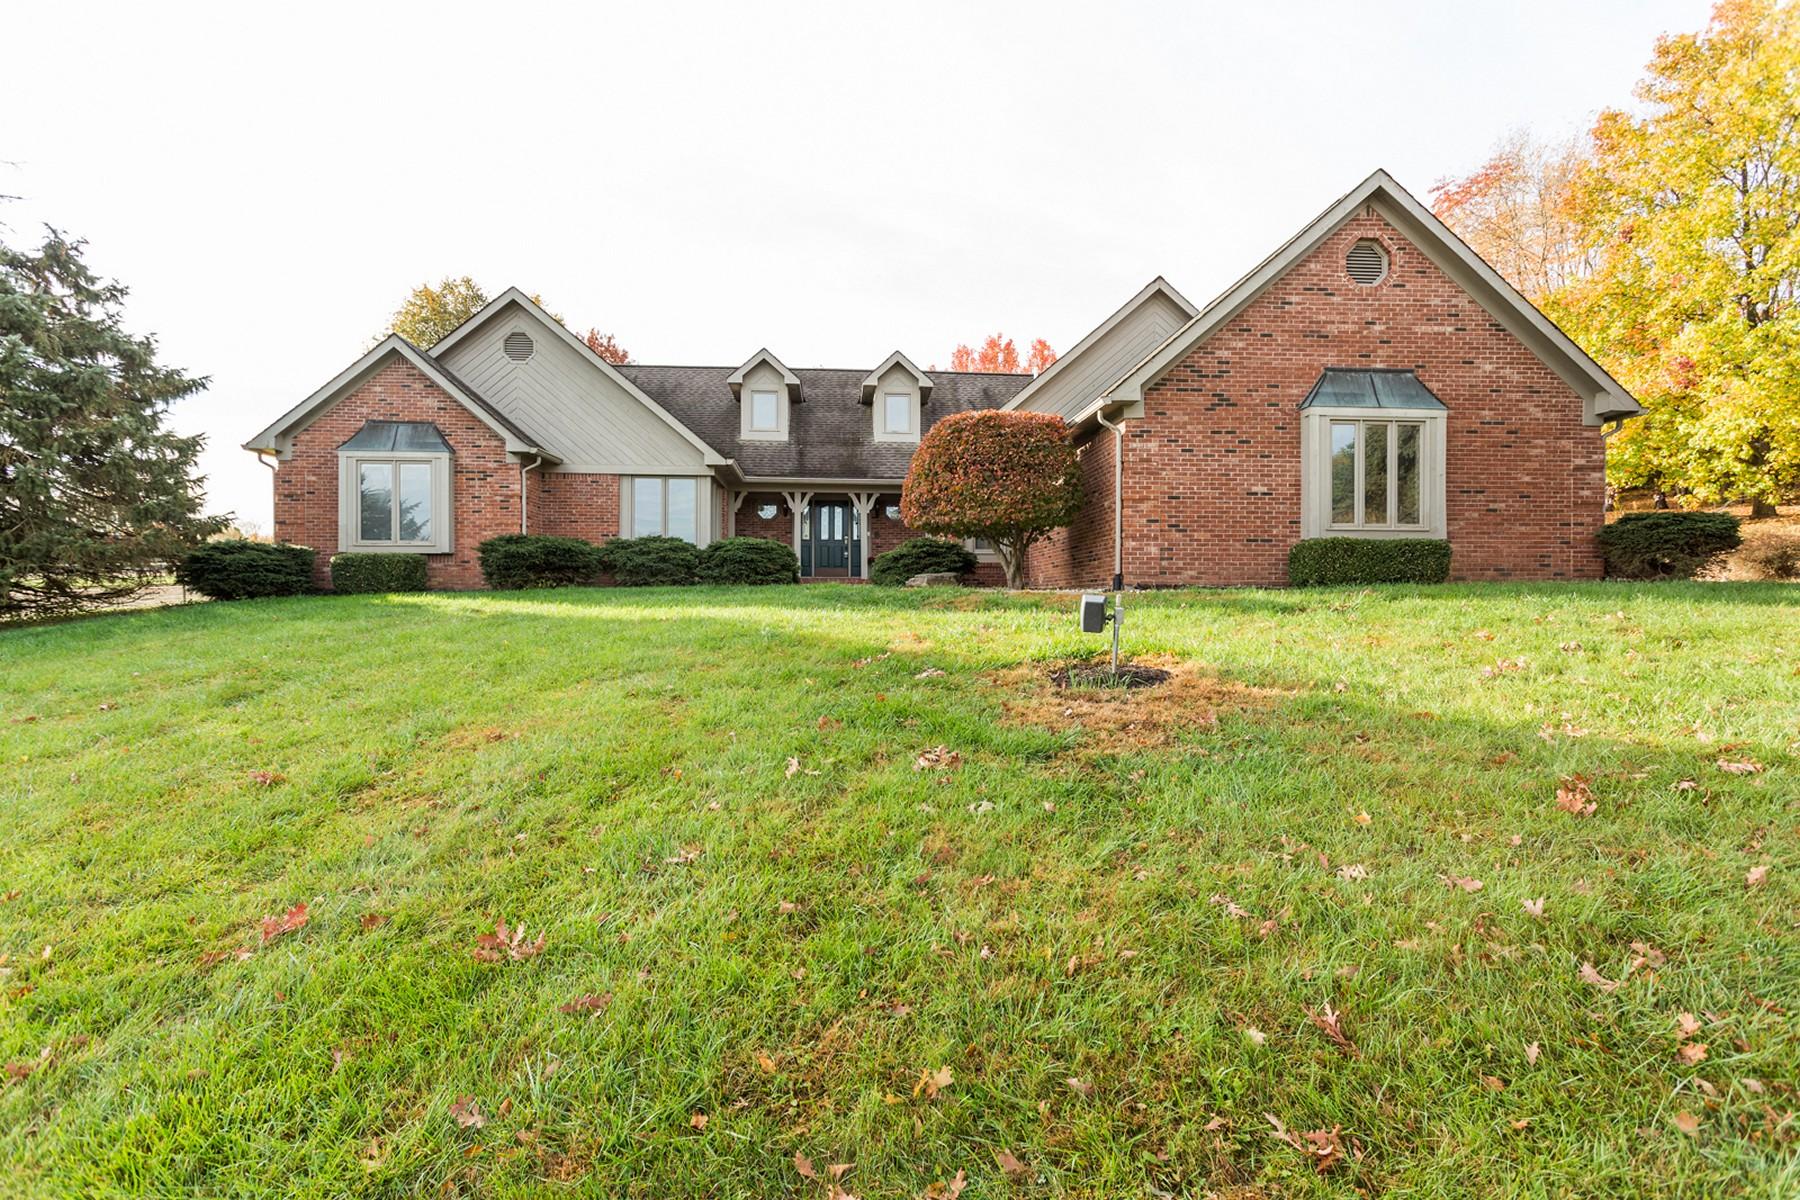 Einfamilienhaus für Verkauf beim Greenwood Estate 6555 W. Stones Crossing Rd Greenwood, Indiana, 46143 Vereinigte Staaten